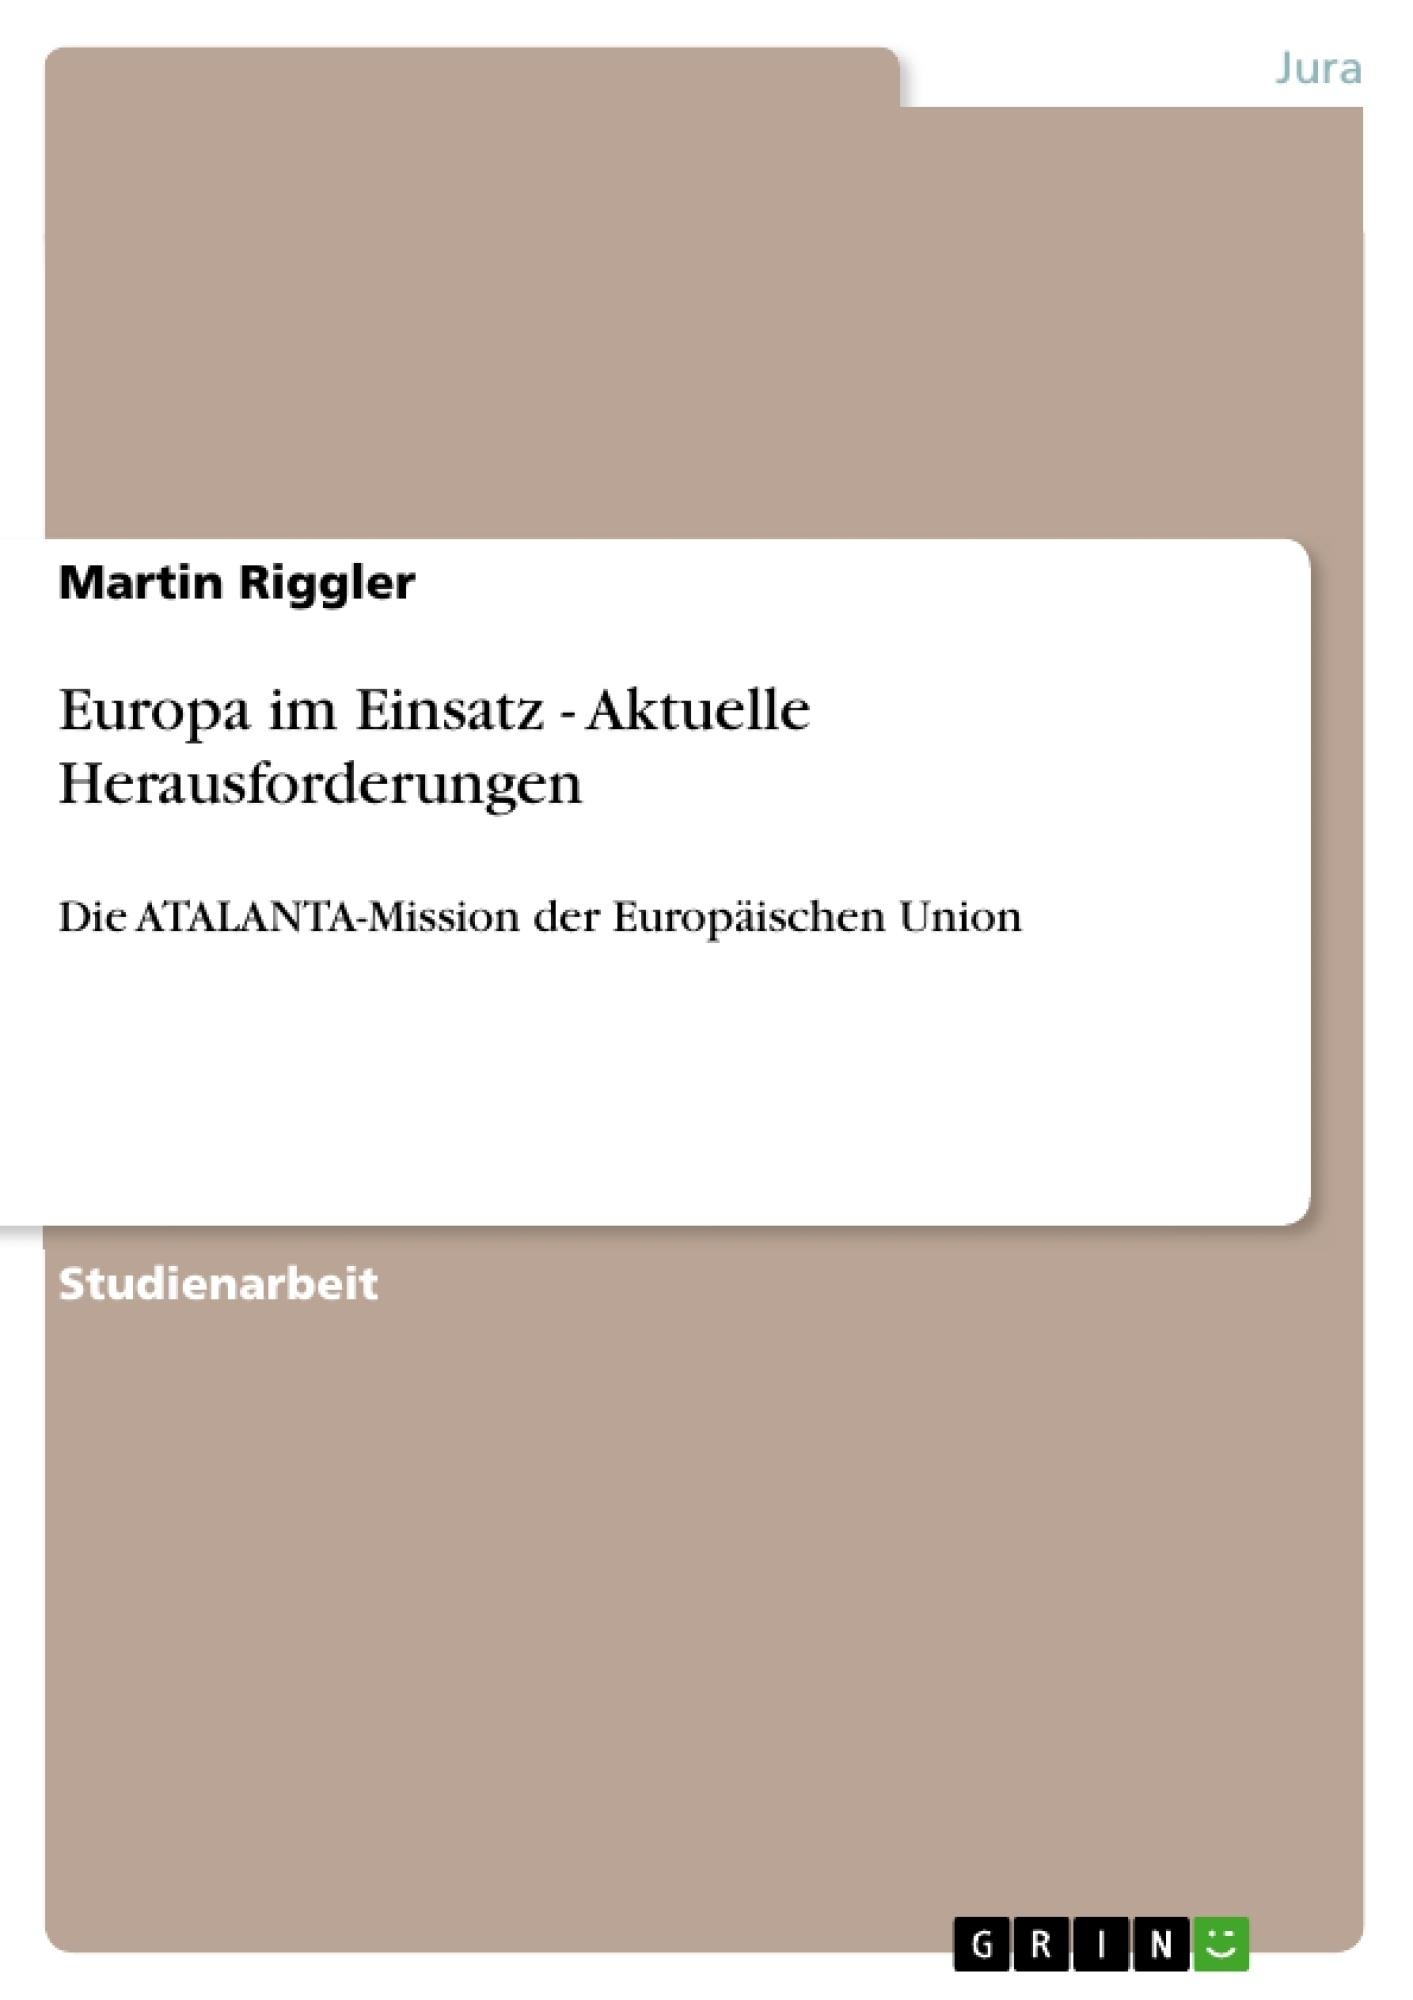 Titel: Europa im Einsatz -  Aktuelle Herausforderungen